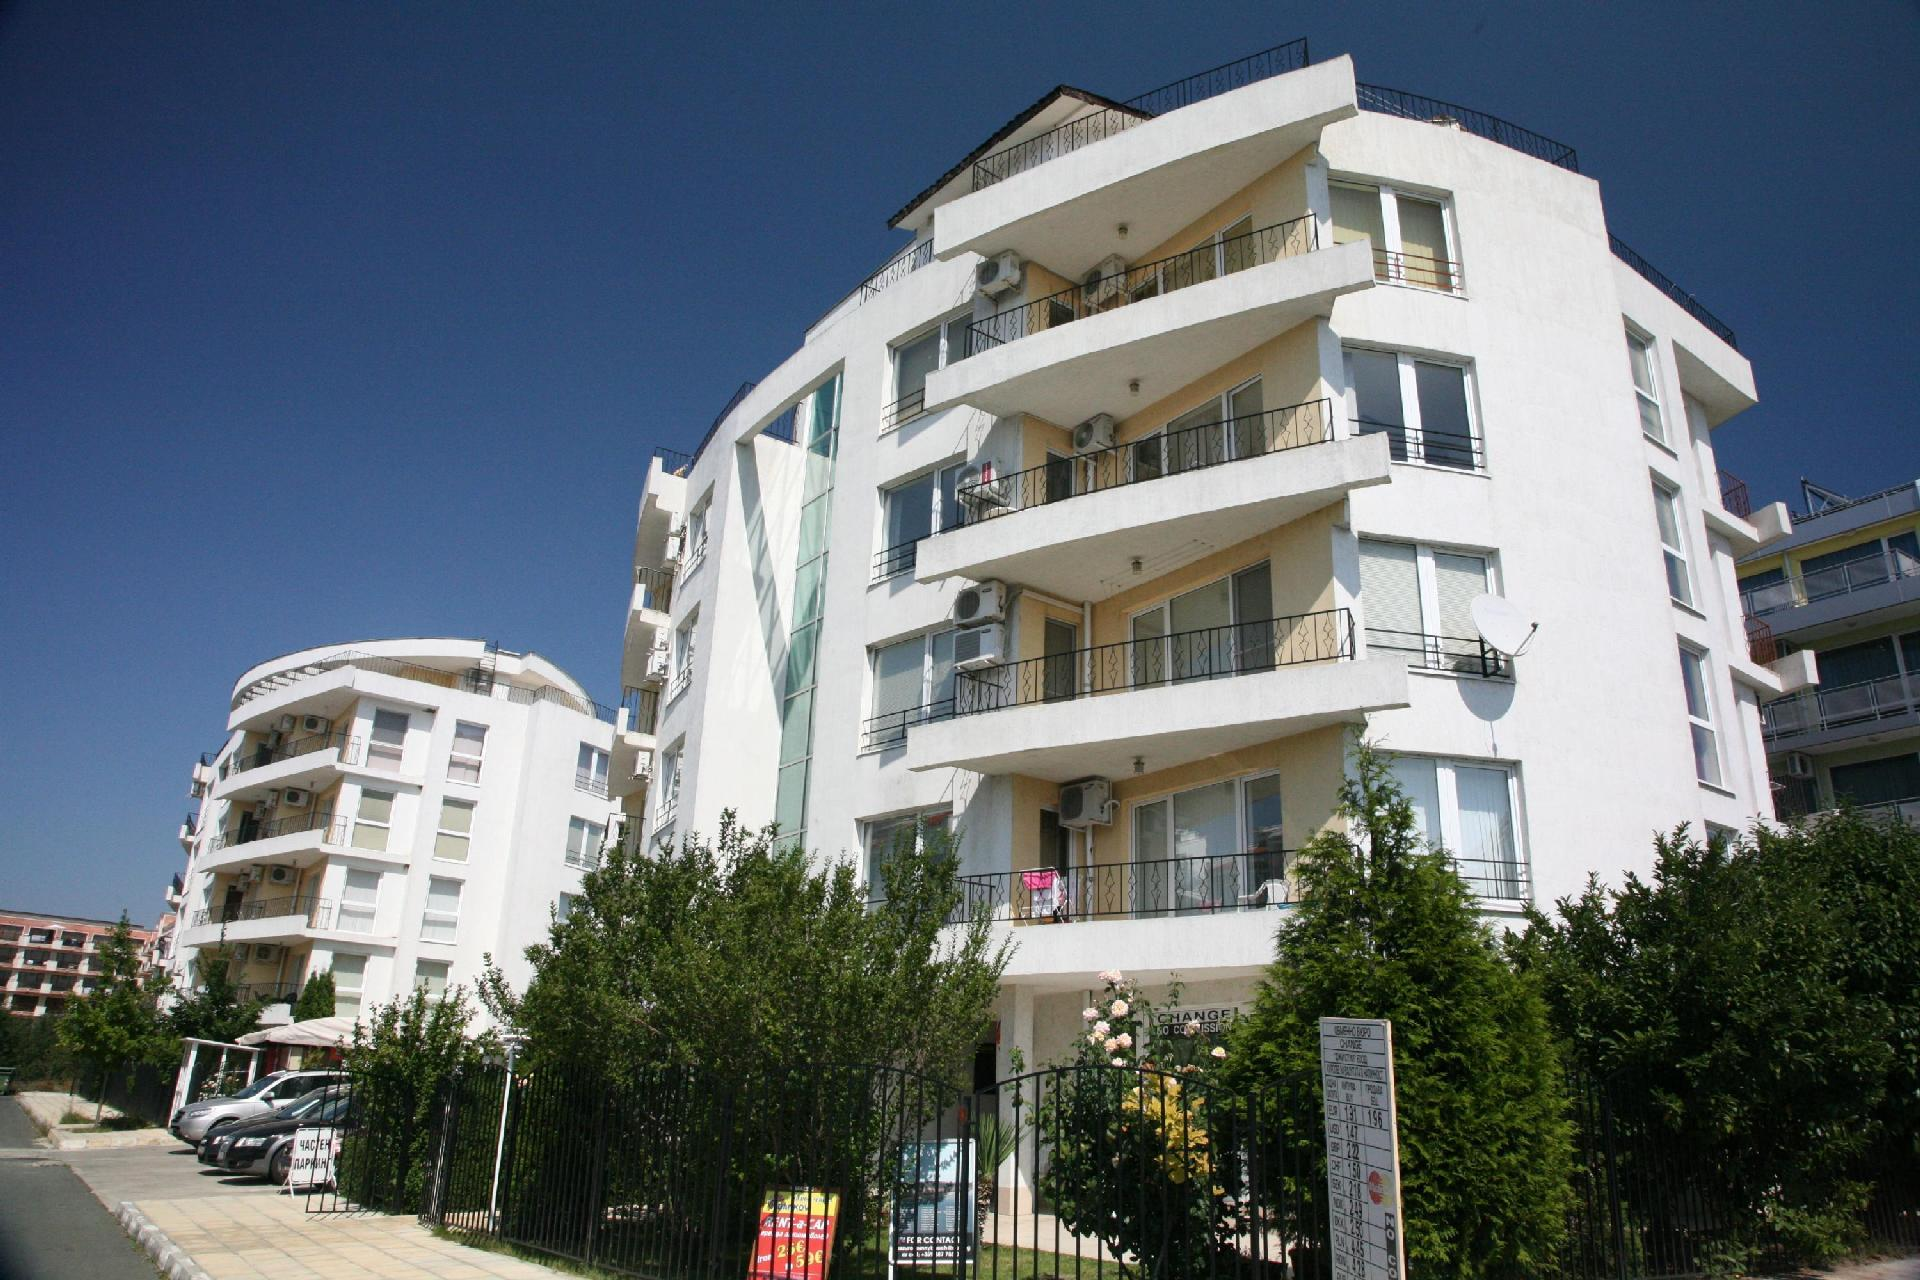 Ferienwohnung für 4 Personen ca 60 m² in Sonnenstrand Schwarzmeerküste Bulgarien Südliche Schwarzmeerküste